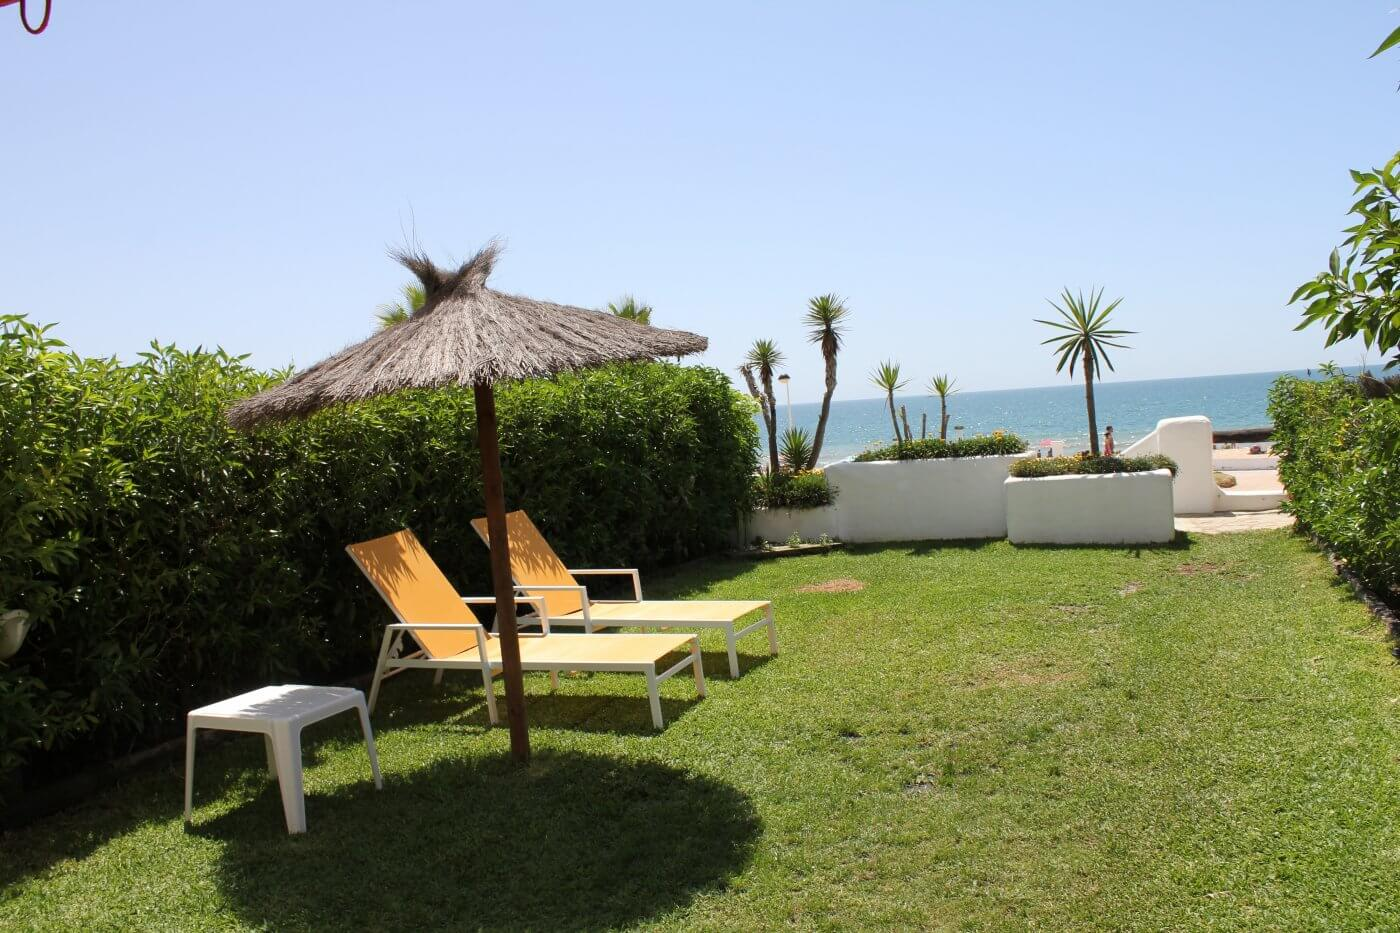 Alquiler de chalet en matalasca as en primera linea de playa for Casas en alquiler en la playa con piscina